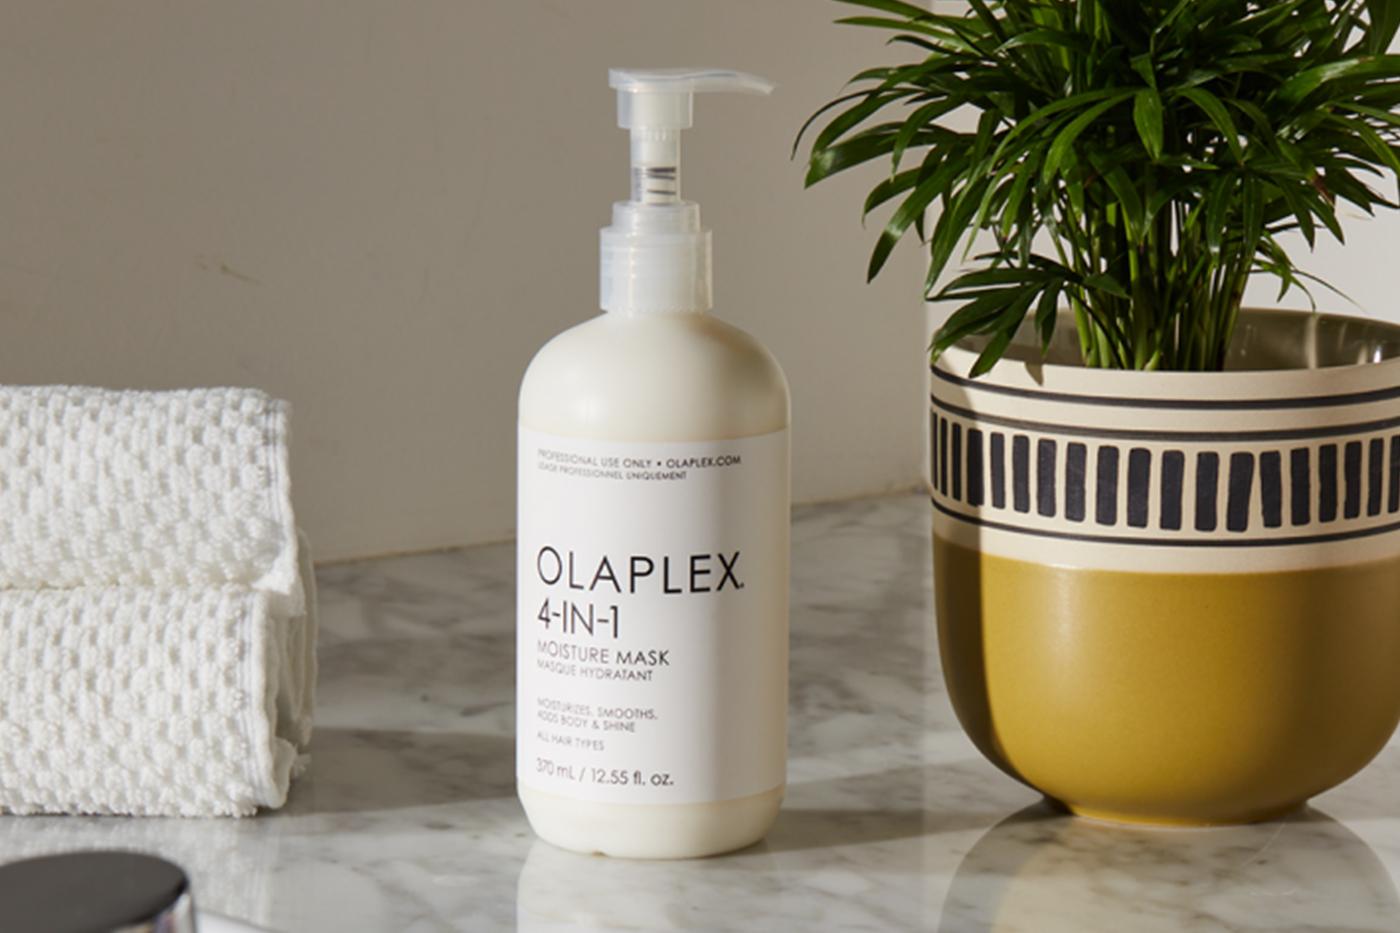 Olaplex launches moisture mask